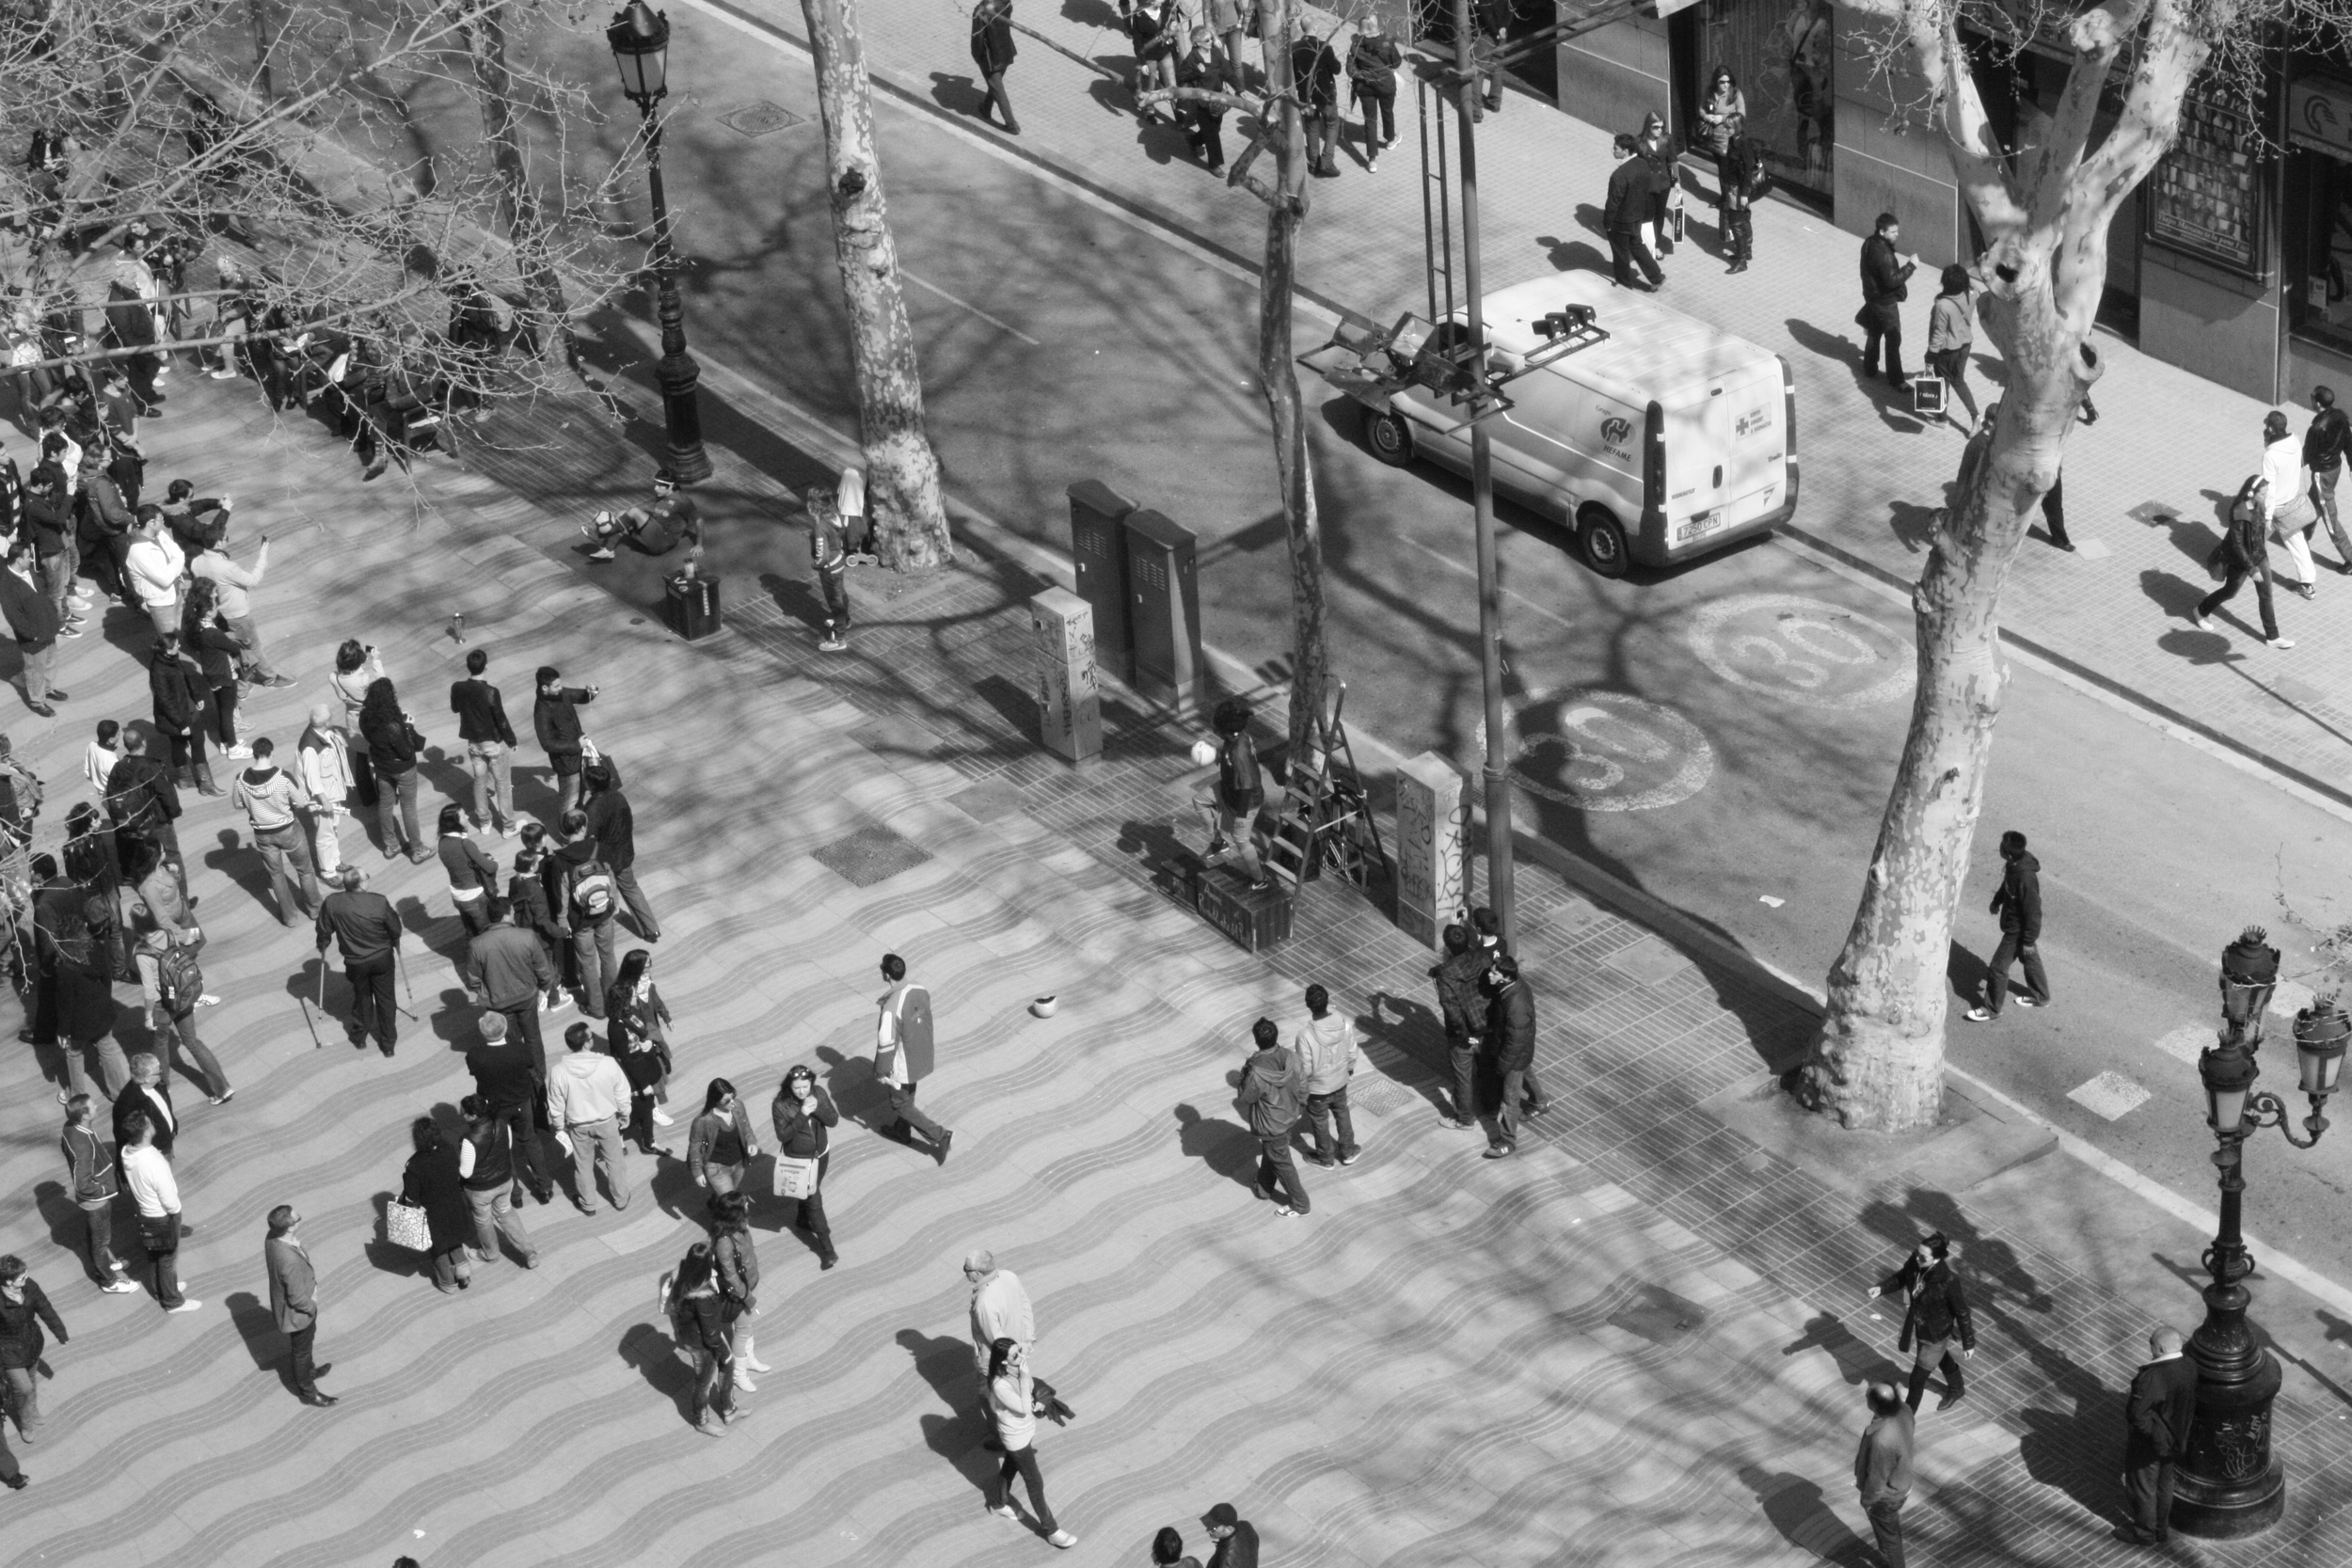 Barcelona 2010 | Photo: Author